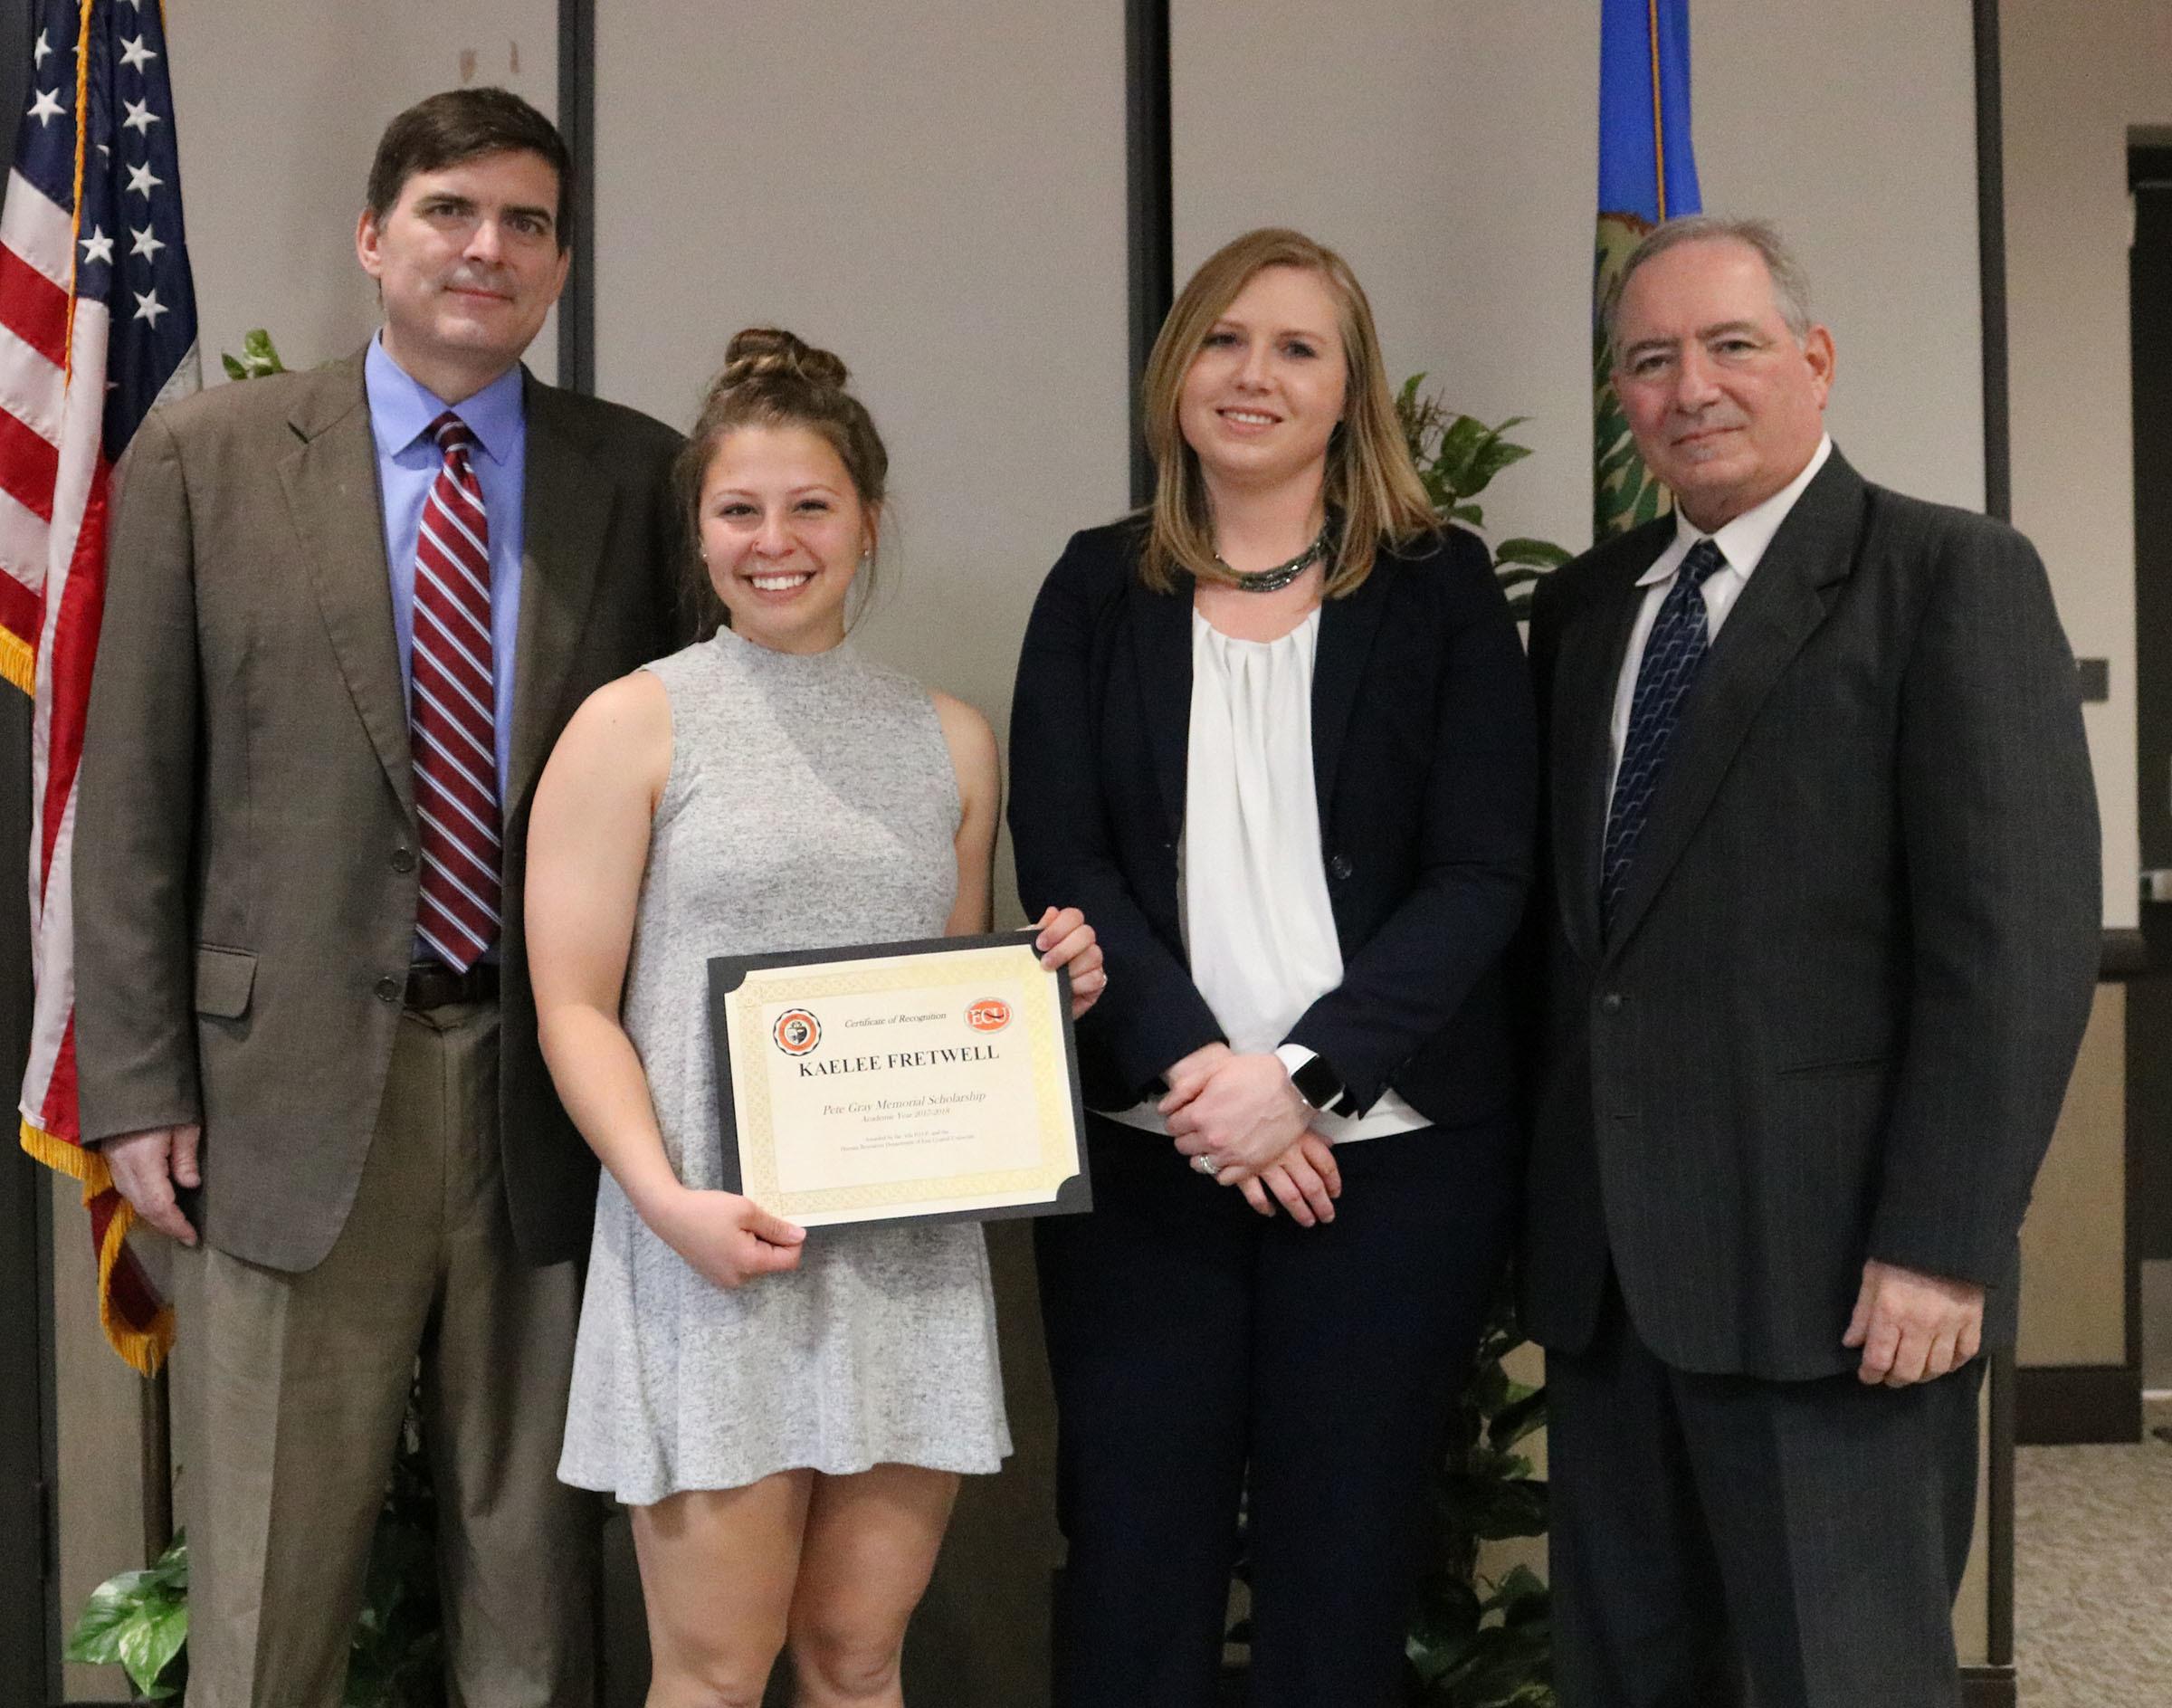 Kaelee fretwell   2 scholarships